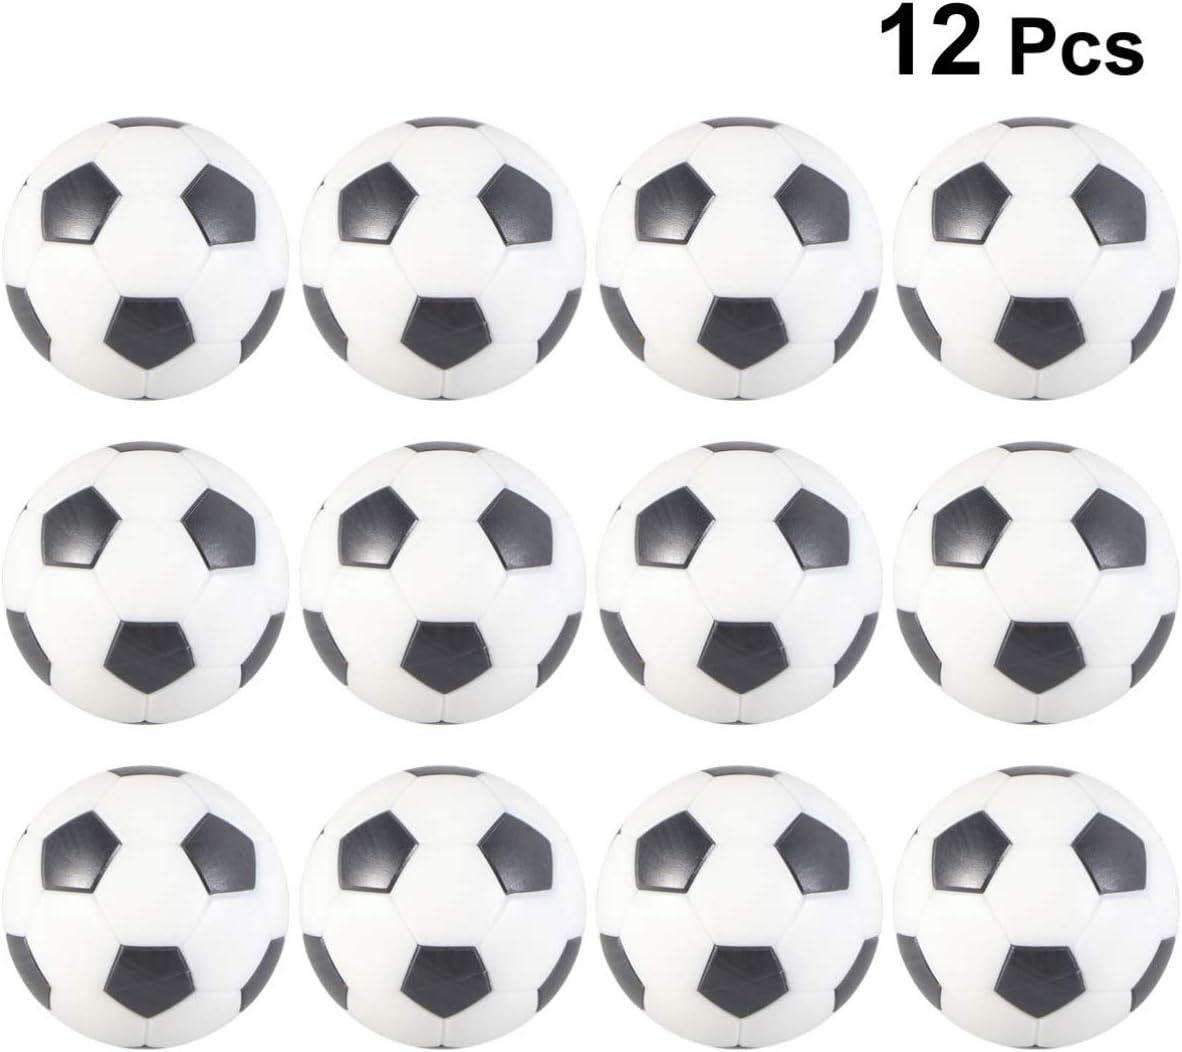 LIOOBO 12 Piezas futbolín futbolín Mini futbolín reemplazo de Pelota Juego de Mesa Pelota fútbol de Mesa para Entretenimiento de Entretenimiento: Amazon.es: Deportes y aire libre